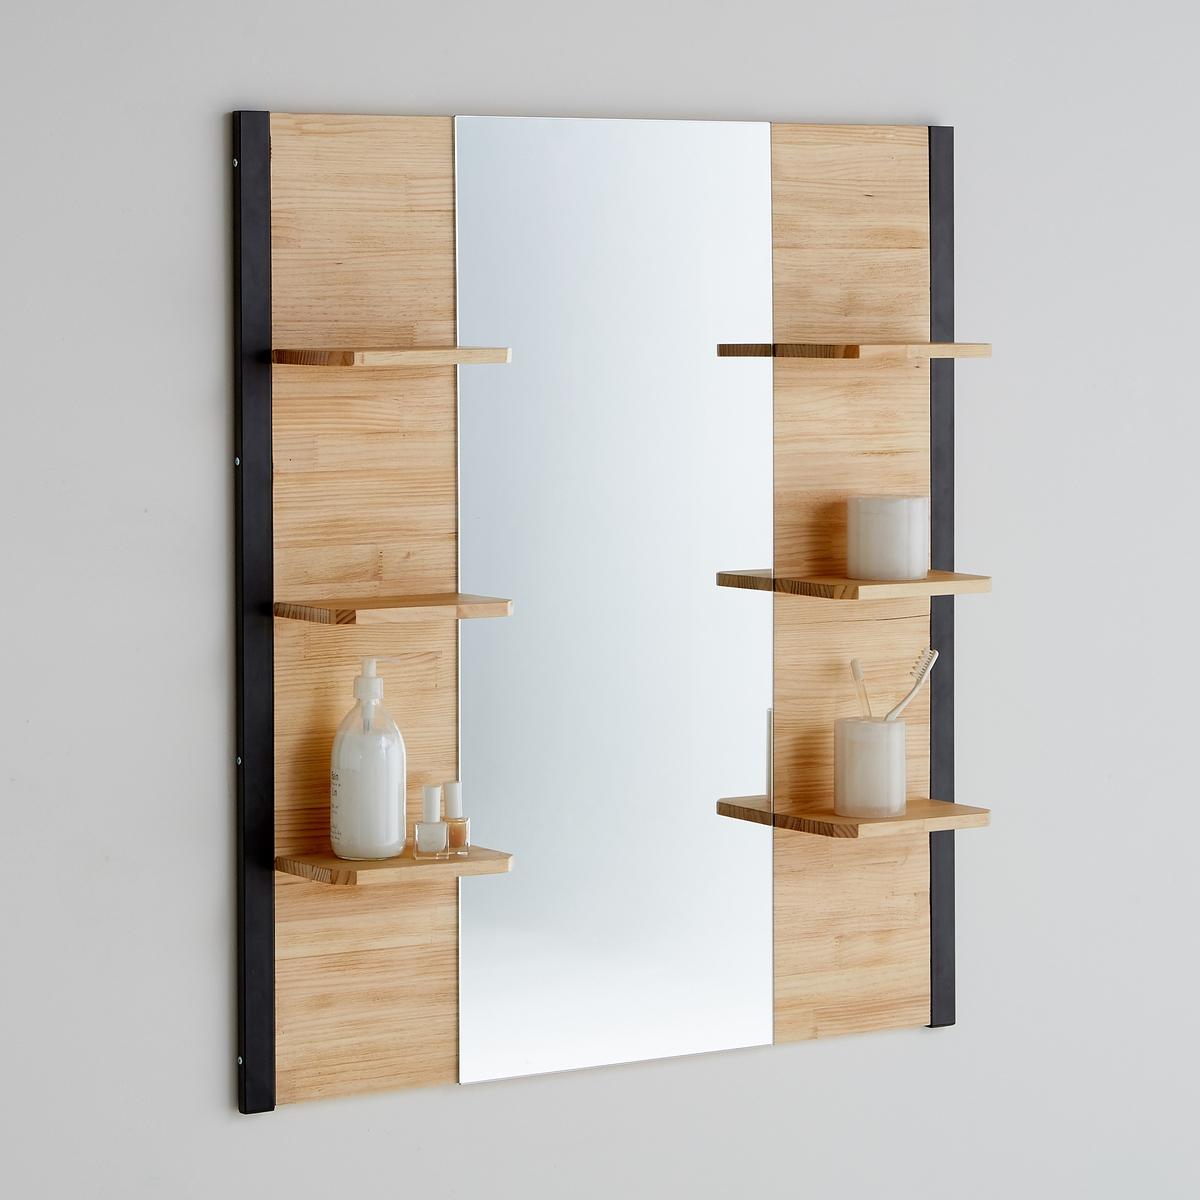 Зеркало для ванной комнаты, HibaОписание:- 1 зеркало по центру.- 6 полочек.- Можно просто повесить на стену и/или совместить со столом-тумбой Hiba, который продаётся на нашем сайте.Характеристики:- Металлический каркас, отделка порошковой эпоксидной чёрной матовой краской.- Полки из сосны, отделка нитроцеллюлозным лаком, толщ. 15 мм.Откройте для себя всю коллекцию  Hiba на laredoute.ru.Размеры:Общие:- Ширина: 90 см- Глубина: 14,5 см-  Высота: 100 см.Зеркало :  40 x 100 см.Размеры этажерки:  21,2 x 13 см.Размеры и вес в упаковке :1 упаковка. Шир. 108,5 x Гл. 56 x Выс. 8 см. 15,3 кг.Доставка:Эта модель Hiba продаётся готовой к сборке.  Возможна доставка до квартиры!Внимание! Убедитесь в том, что посылку возможно доставить на дом, учитывая ее габариты.<br><br>Цвет: серо-бежевый